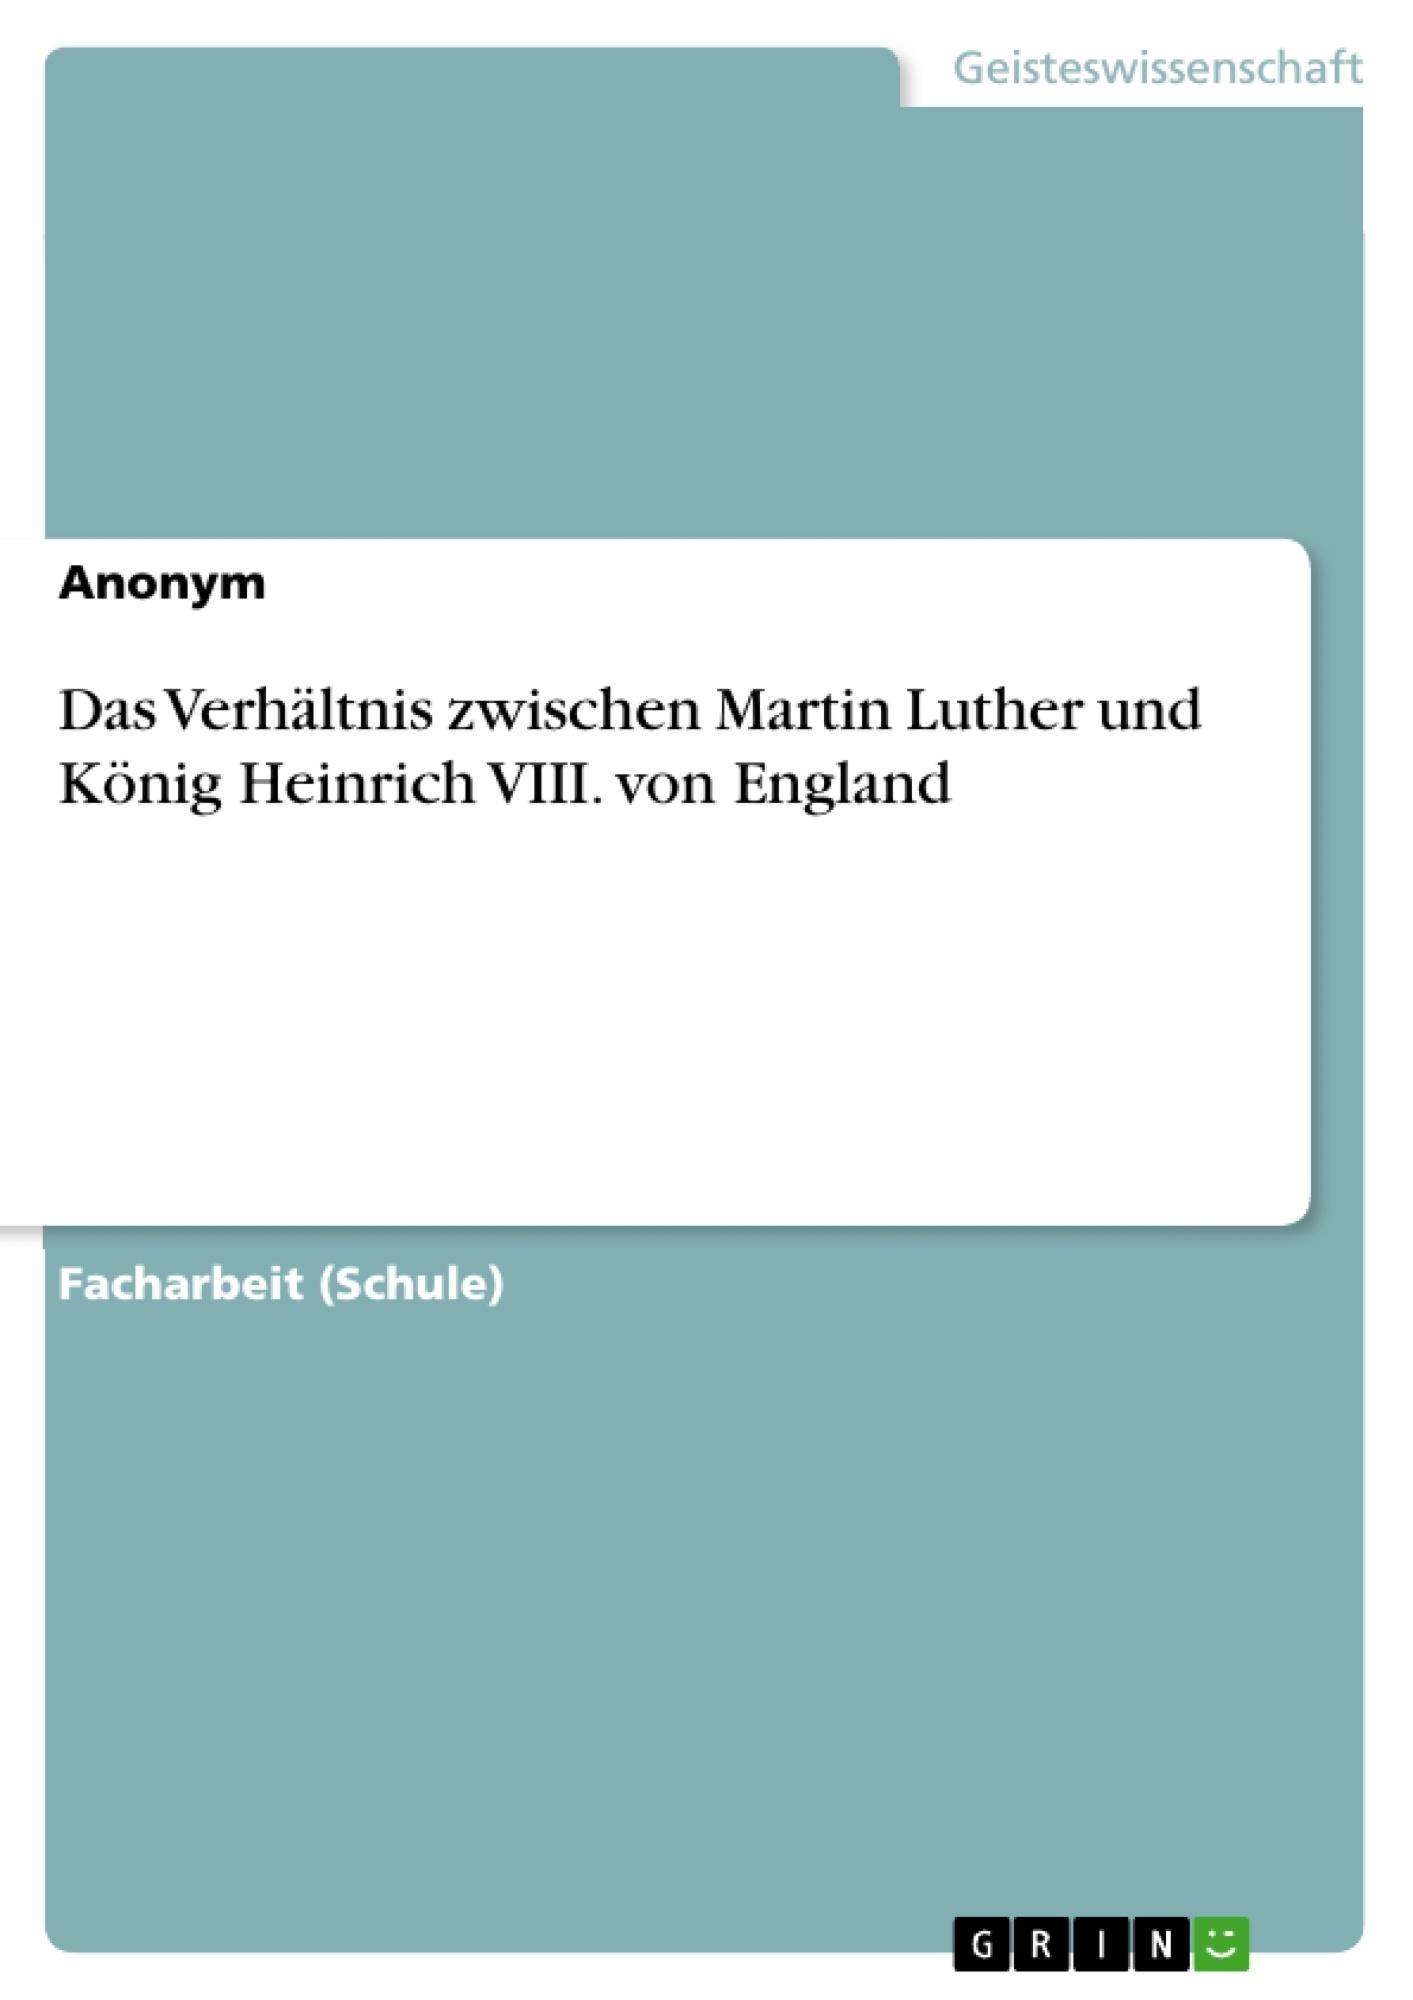 Titel: Das Verhältnis zwischen Martin Luther und König Heinrich VIII. von England